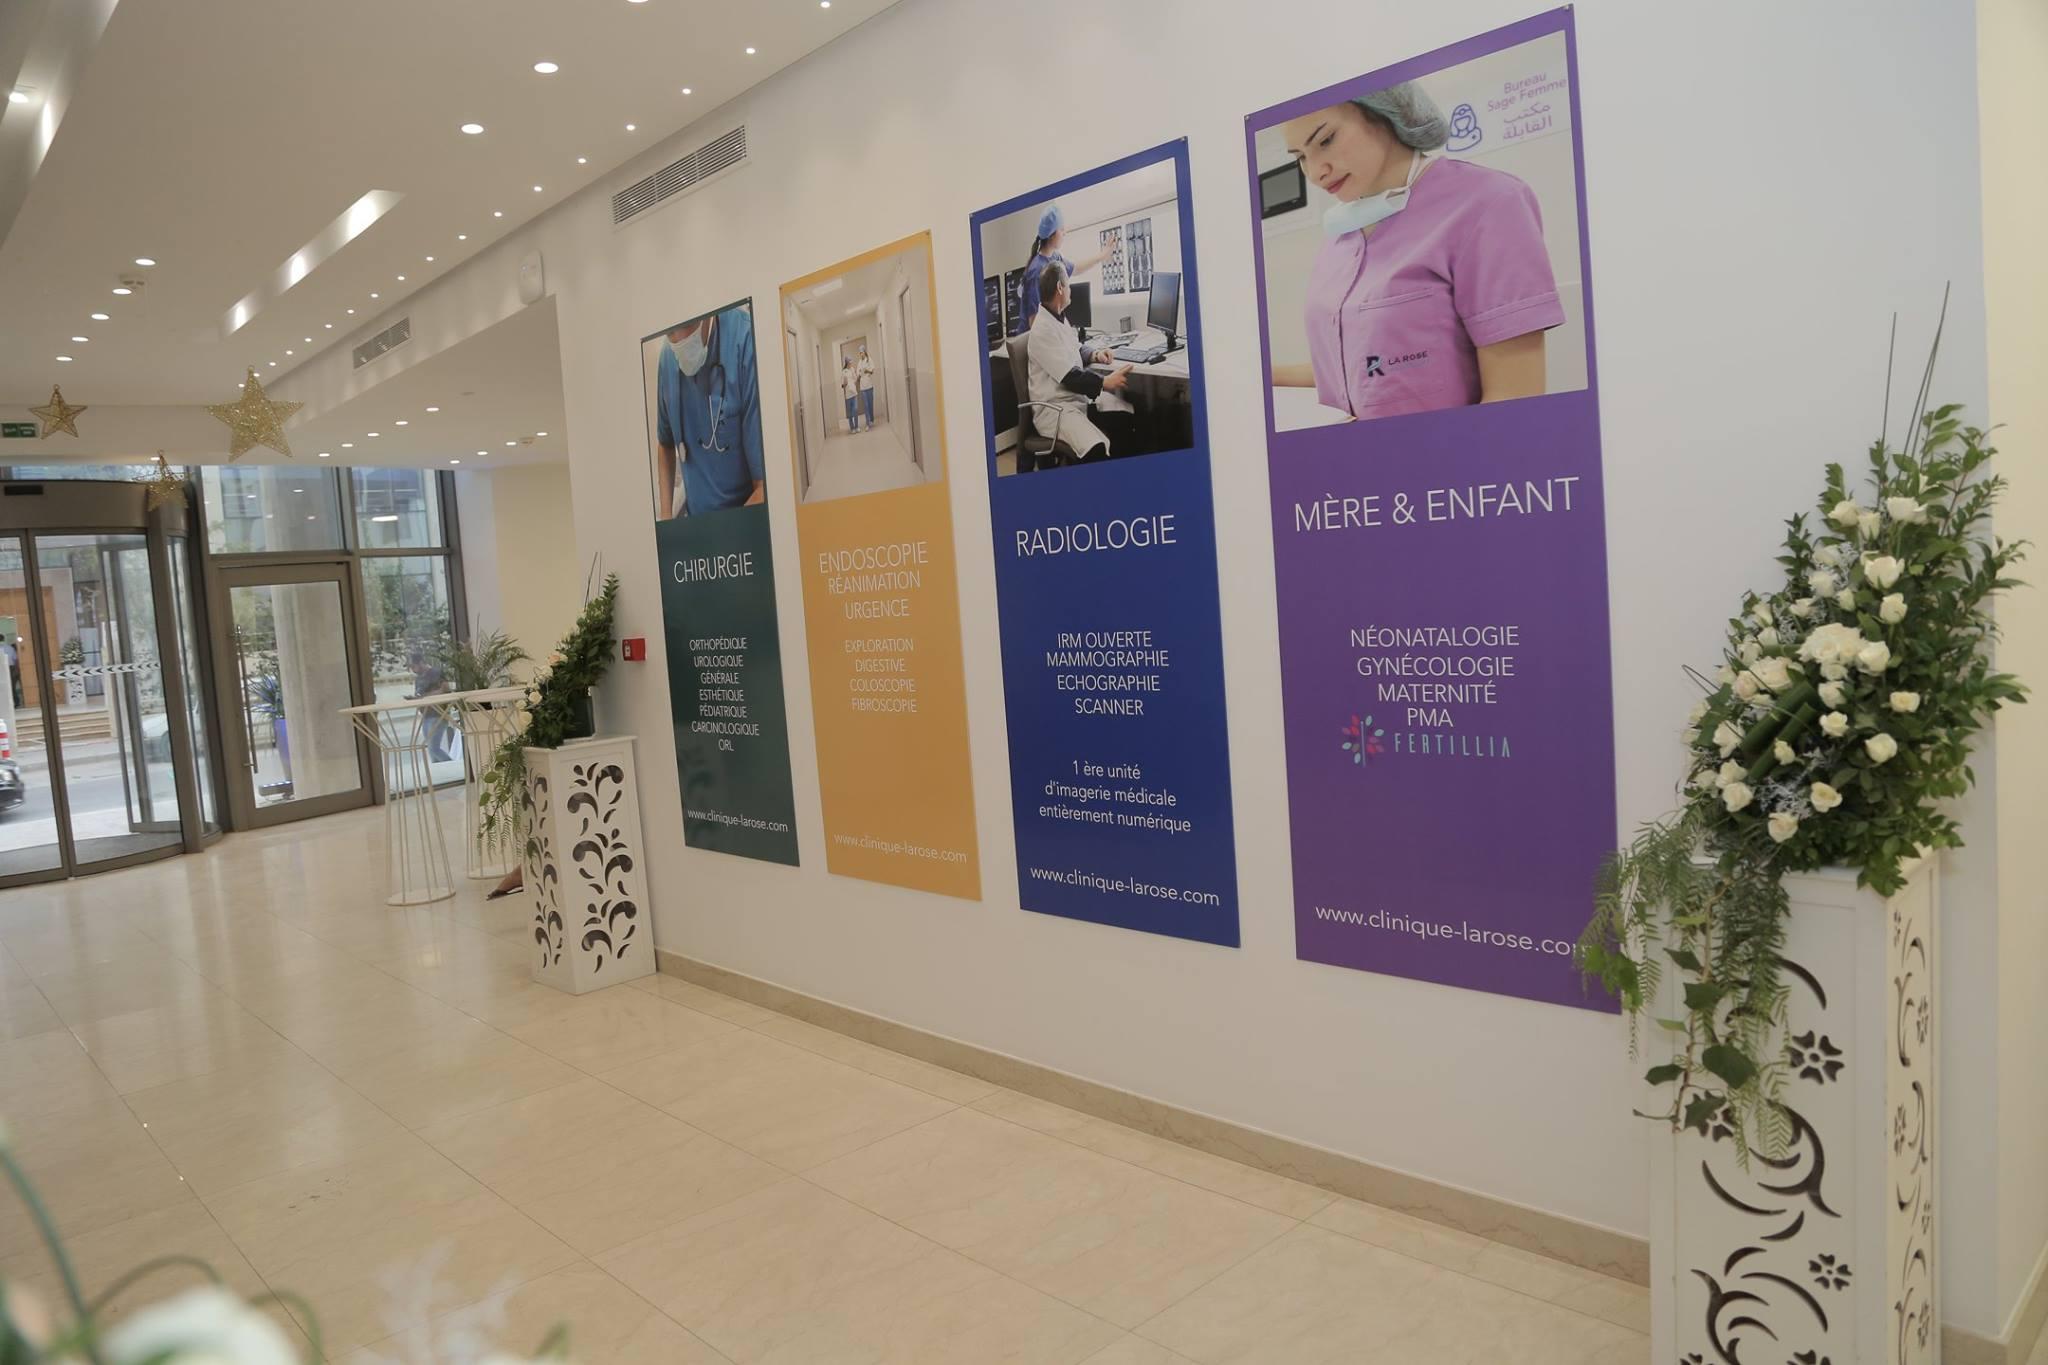 clinique tunisie la rose accueil 1